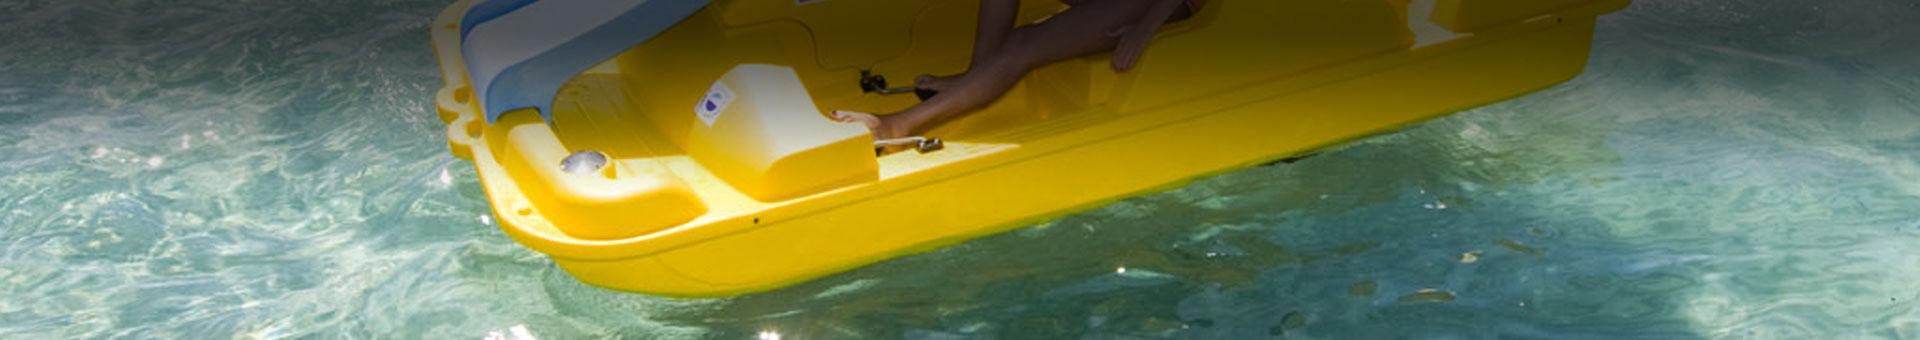 pedalboatho pedalo in acqua mare